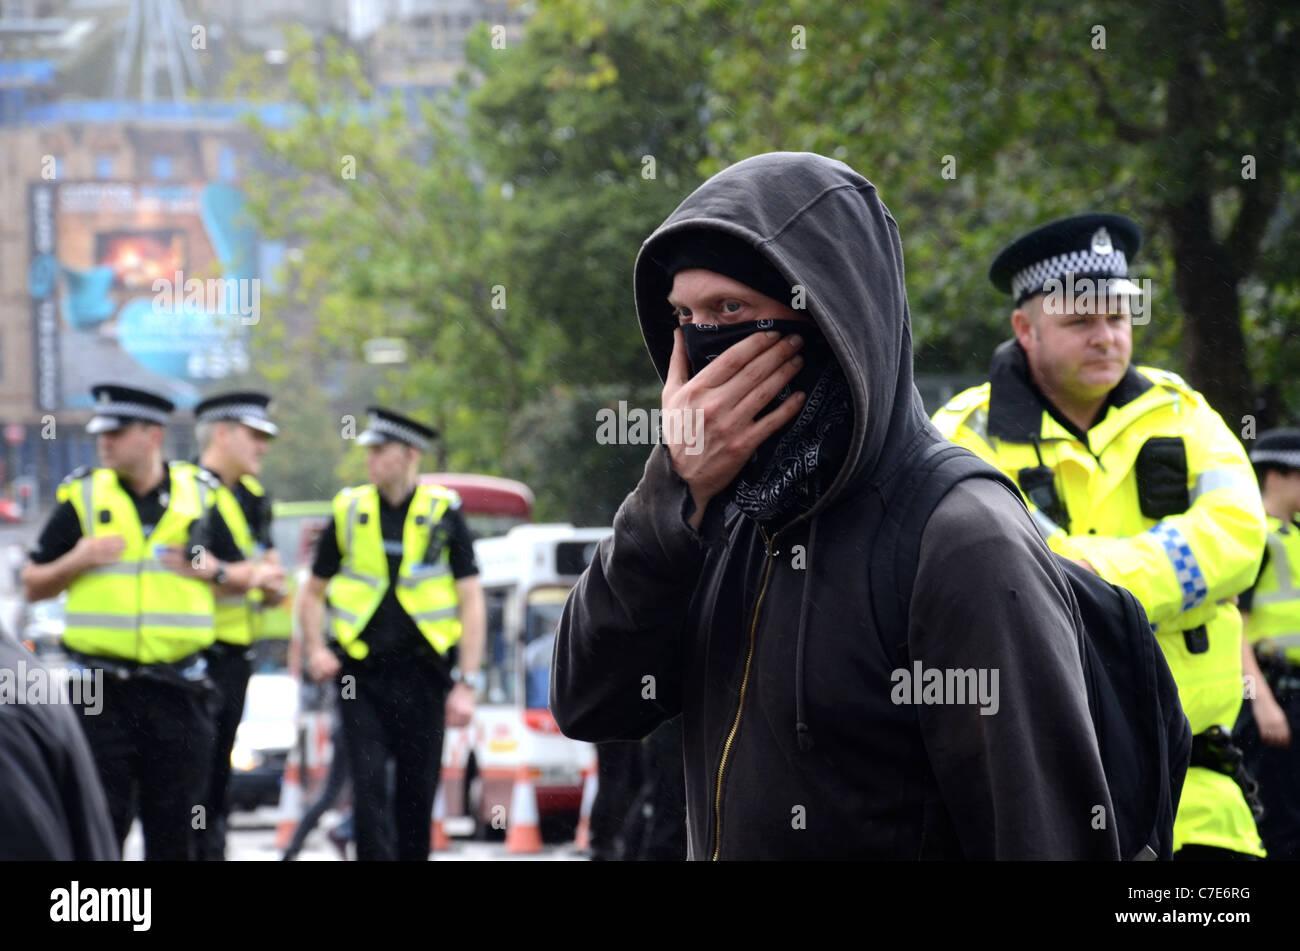 Incappucciato e mascherato protester passeggiate lungo Princes Street di Edimburgo mentre la polizia stanno a guardare Immagini Stock